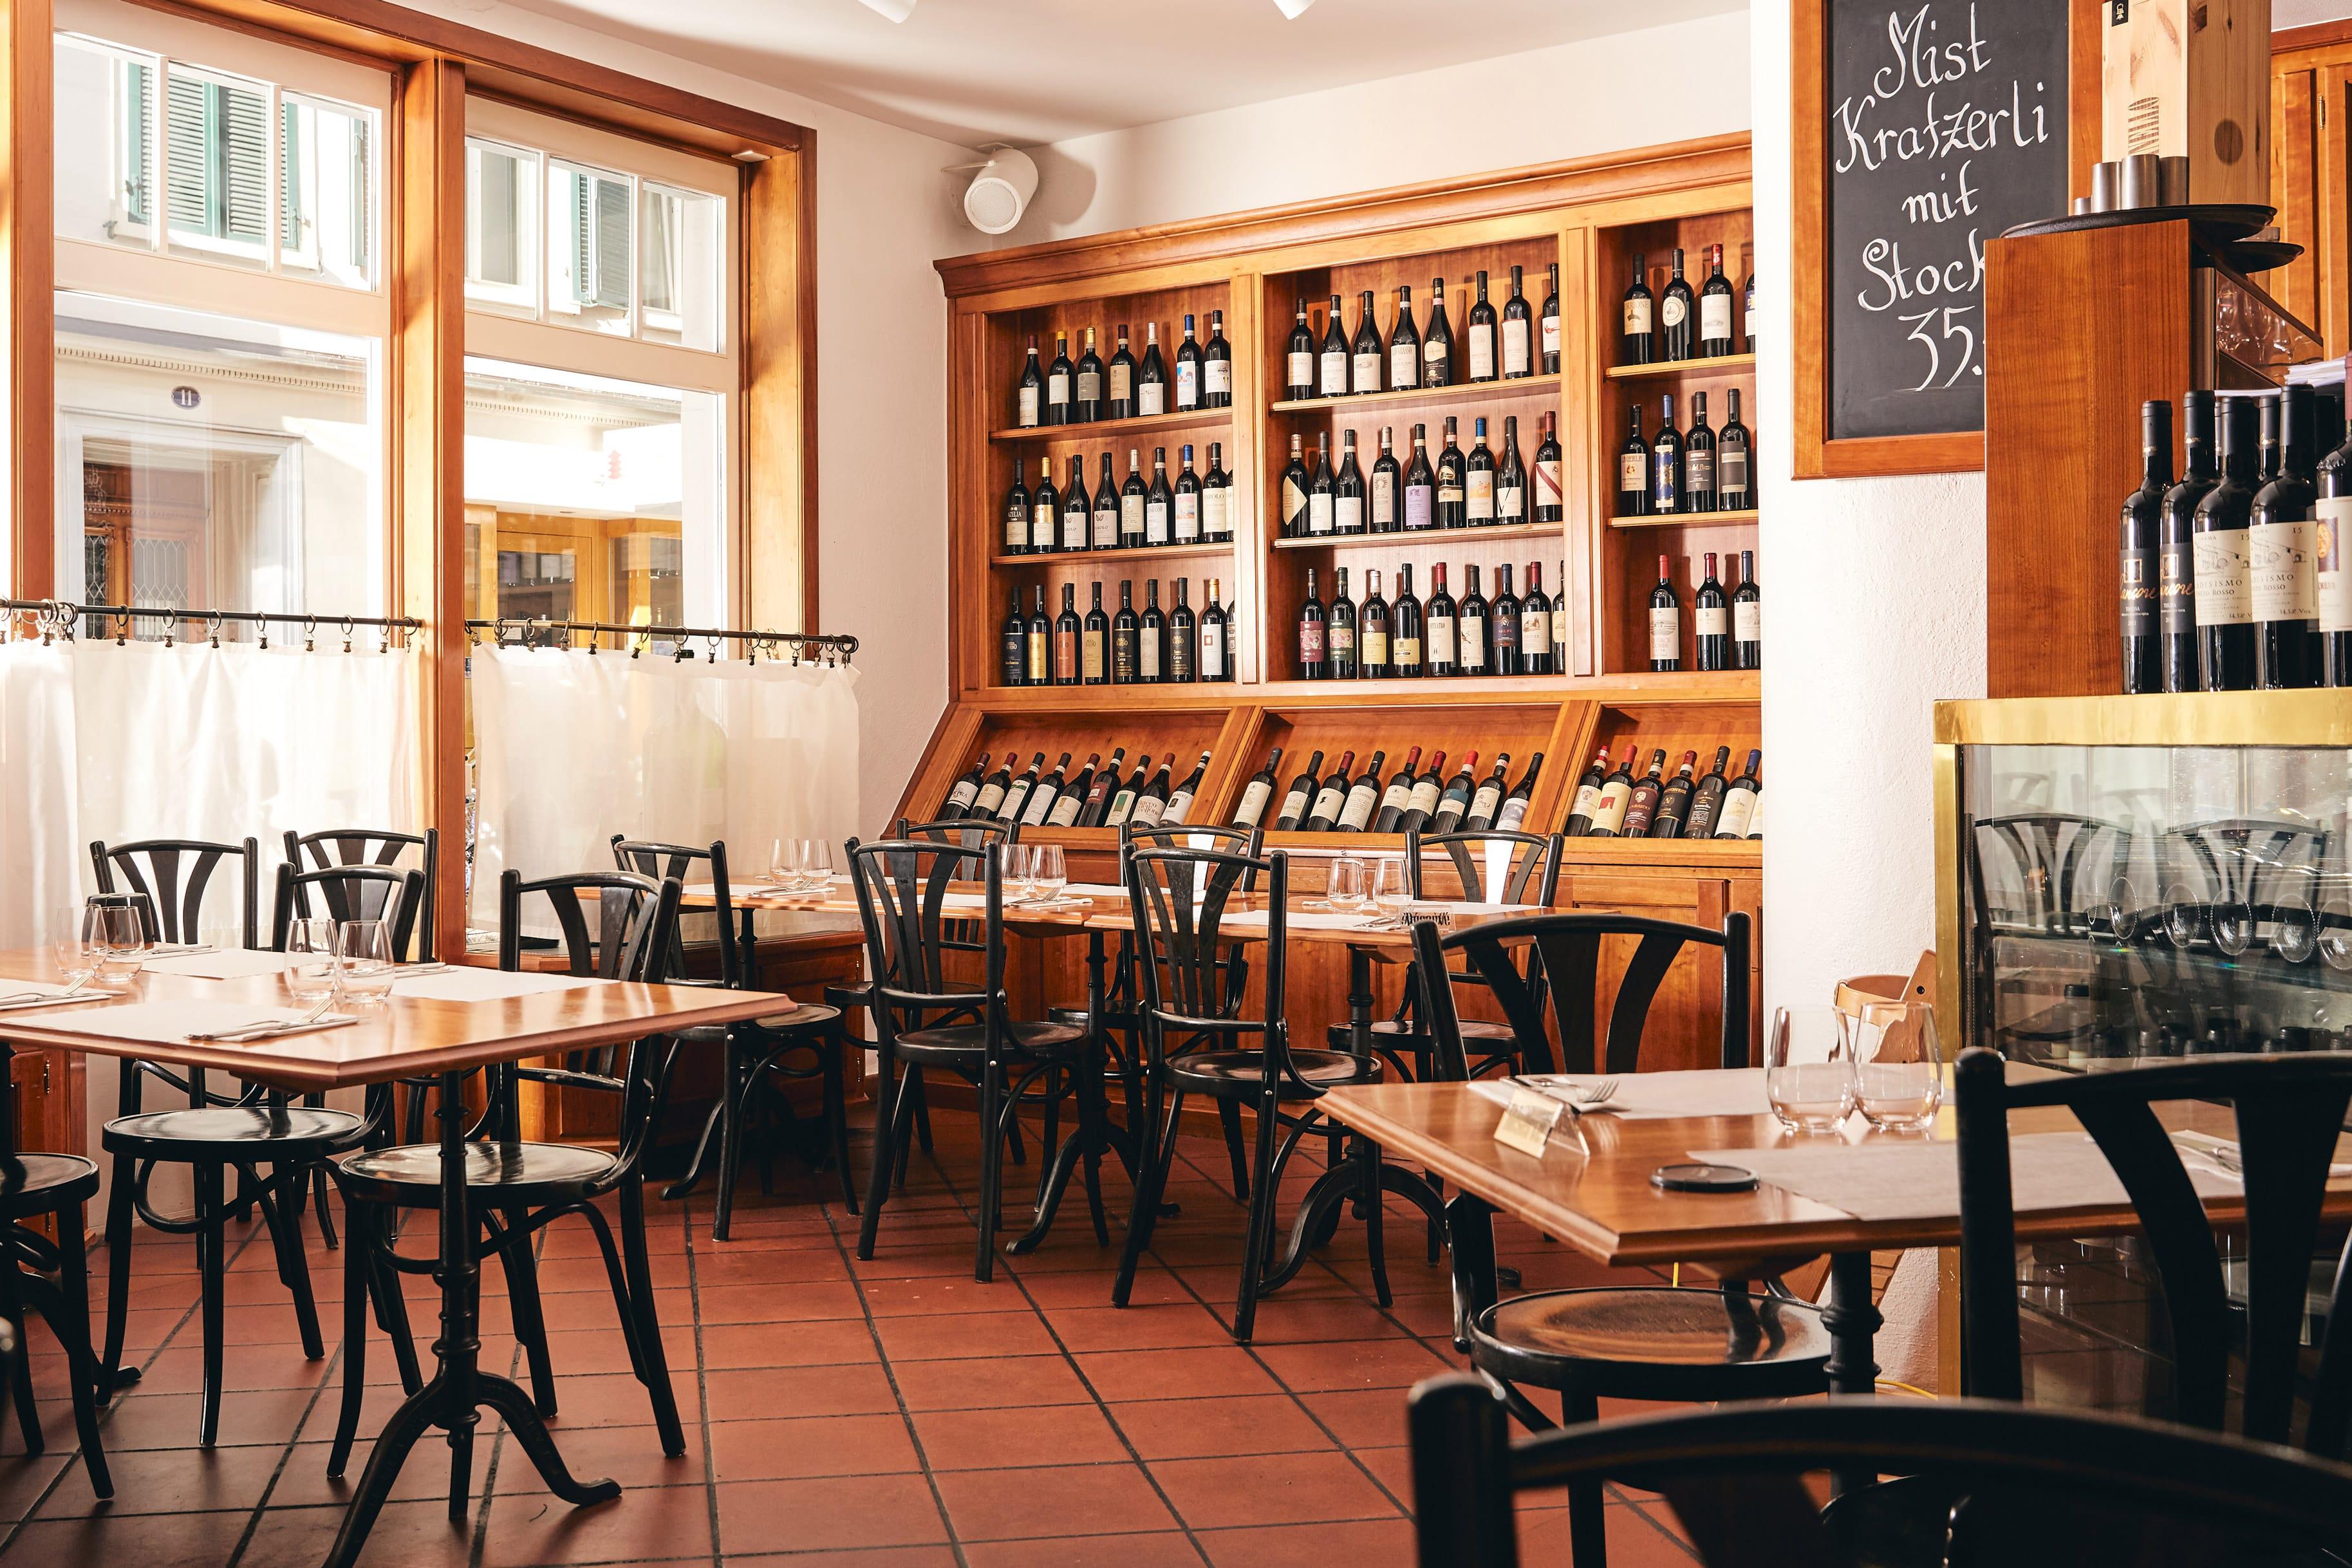 lavigna-restaurant-st-gallen